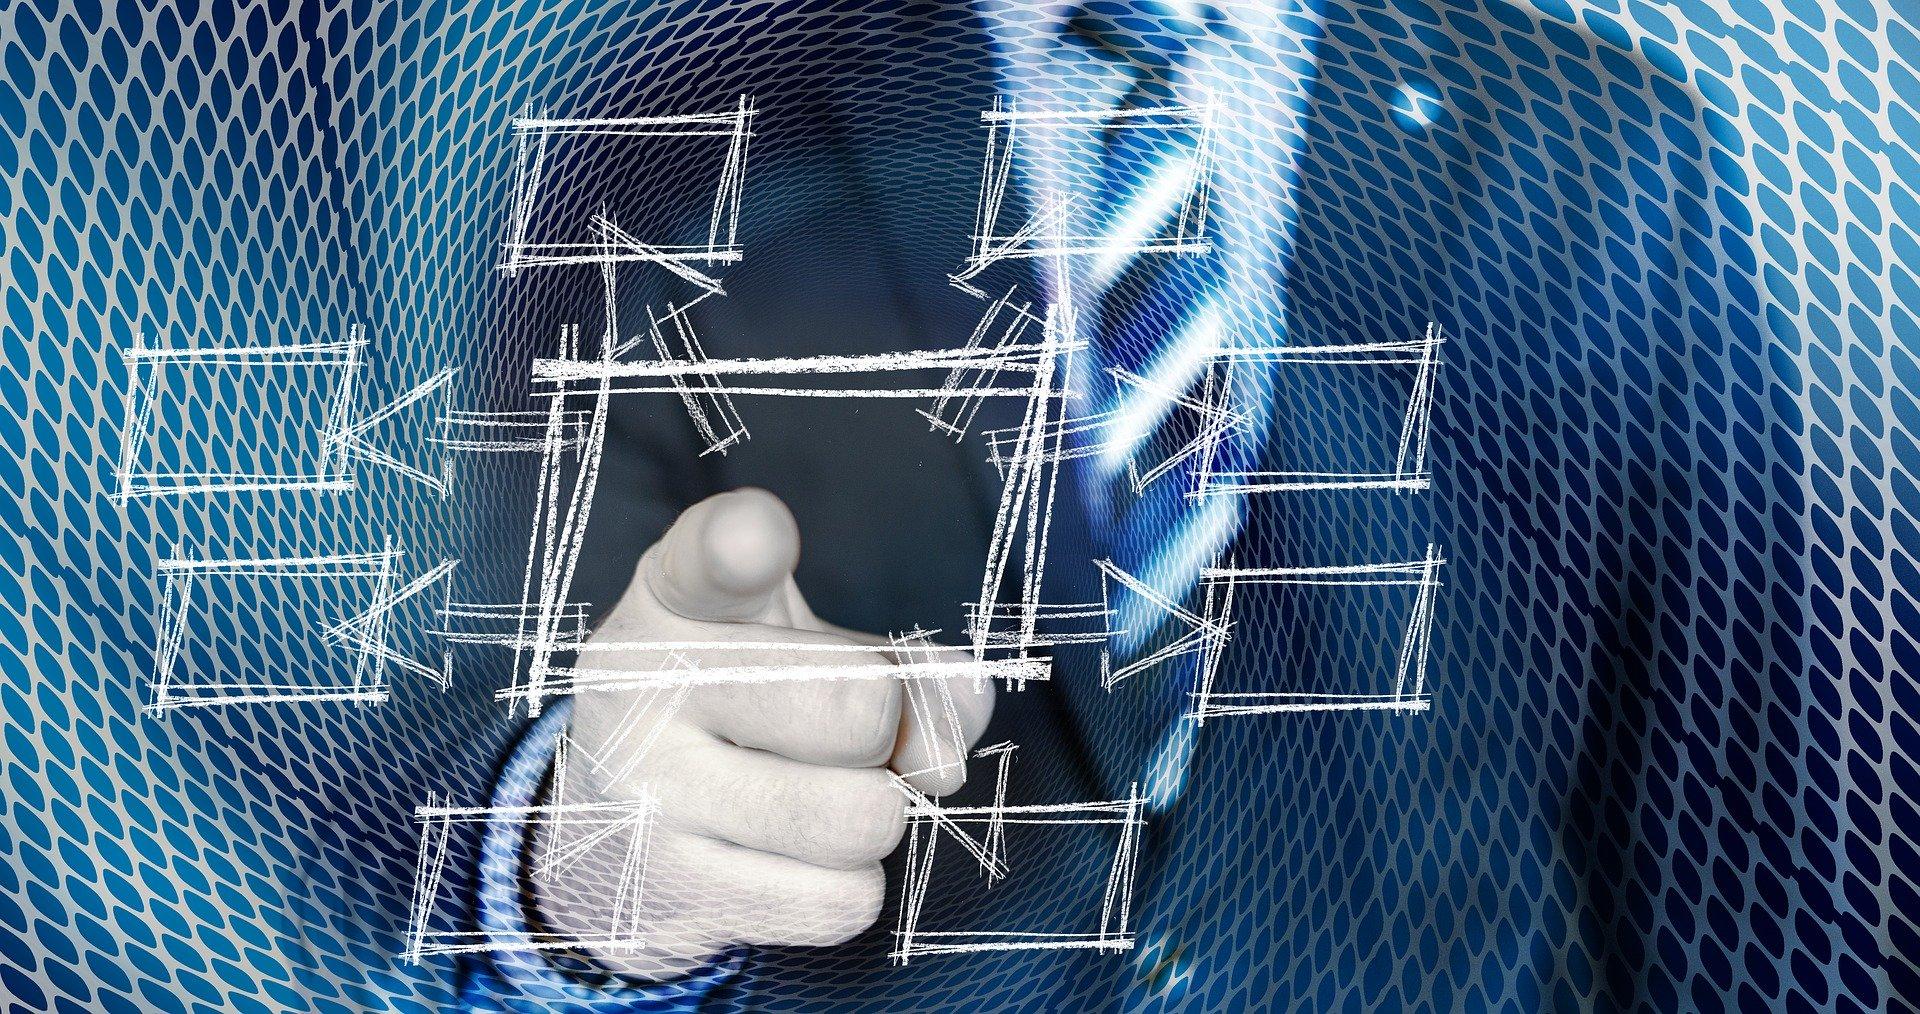 Le service Internet pour les entreprises en 2020 : critères de choix ?